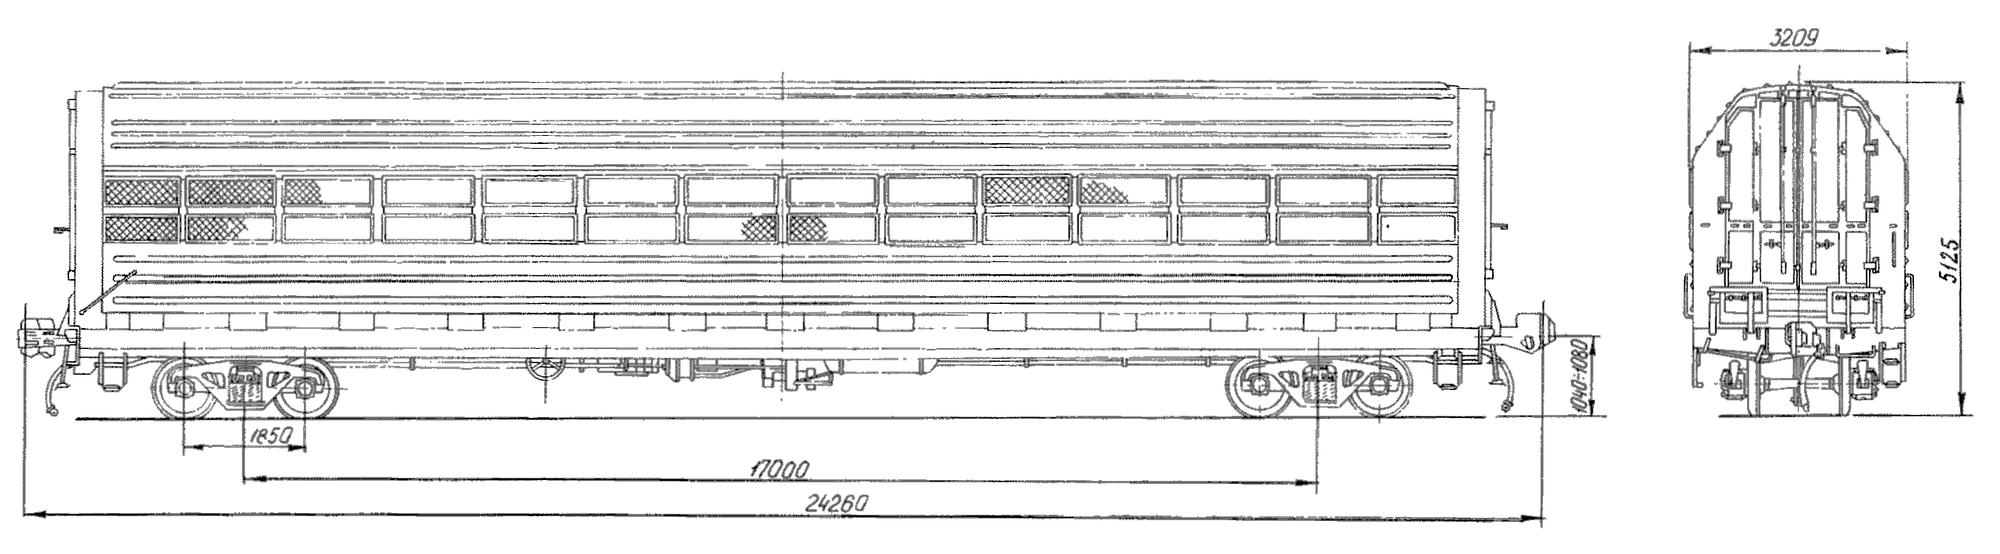 4-осный крытый вагон для легковых автомобилей